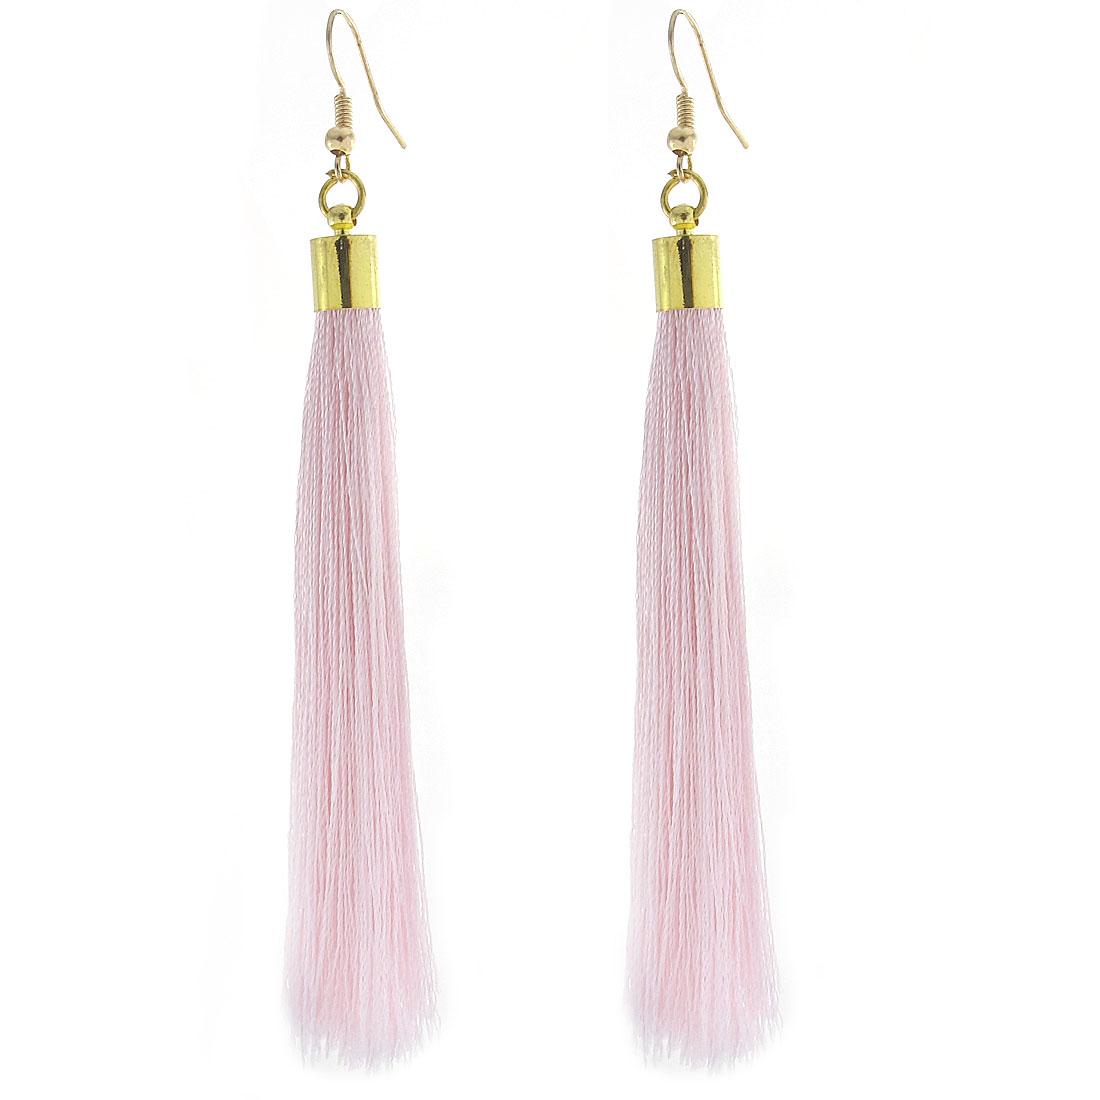 Ear Hook Dangle Tassel Fringed Earrings Eardrop Pair Pink